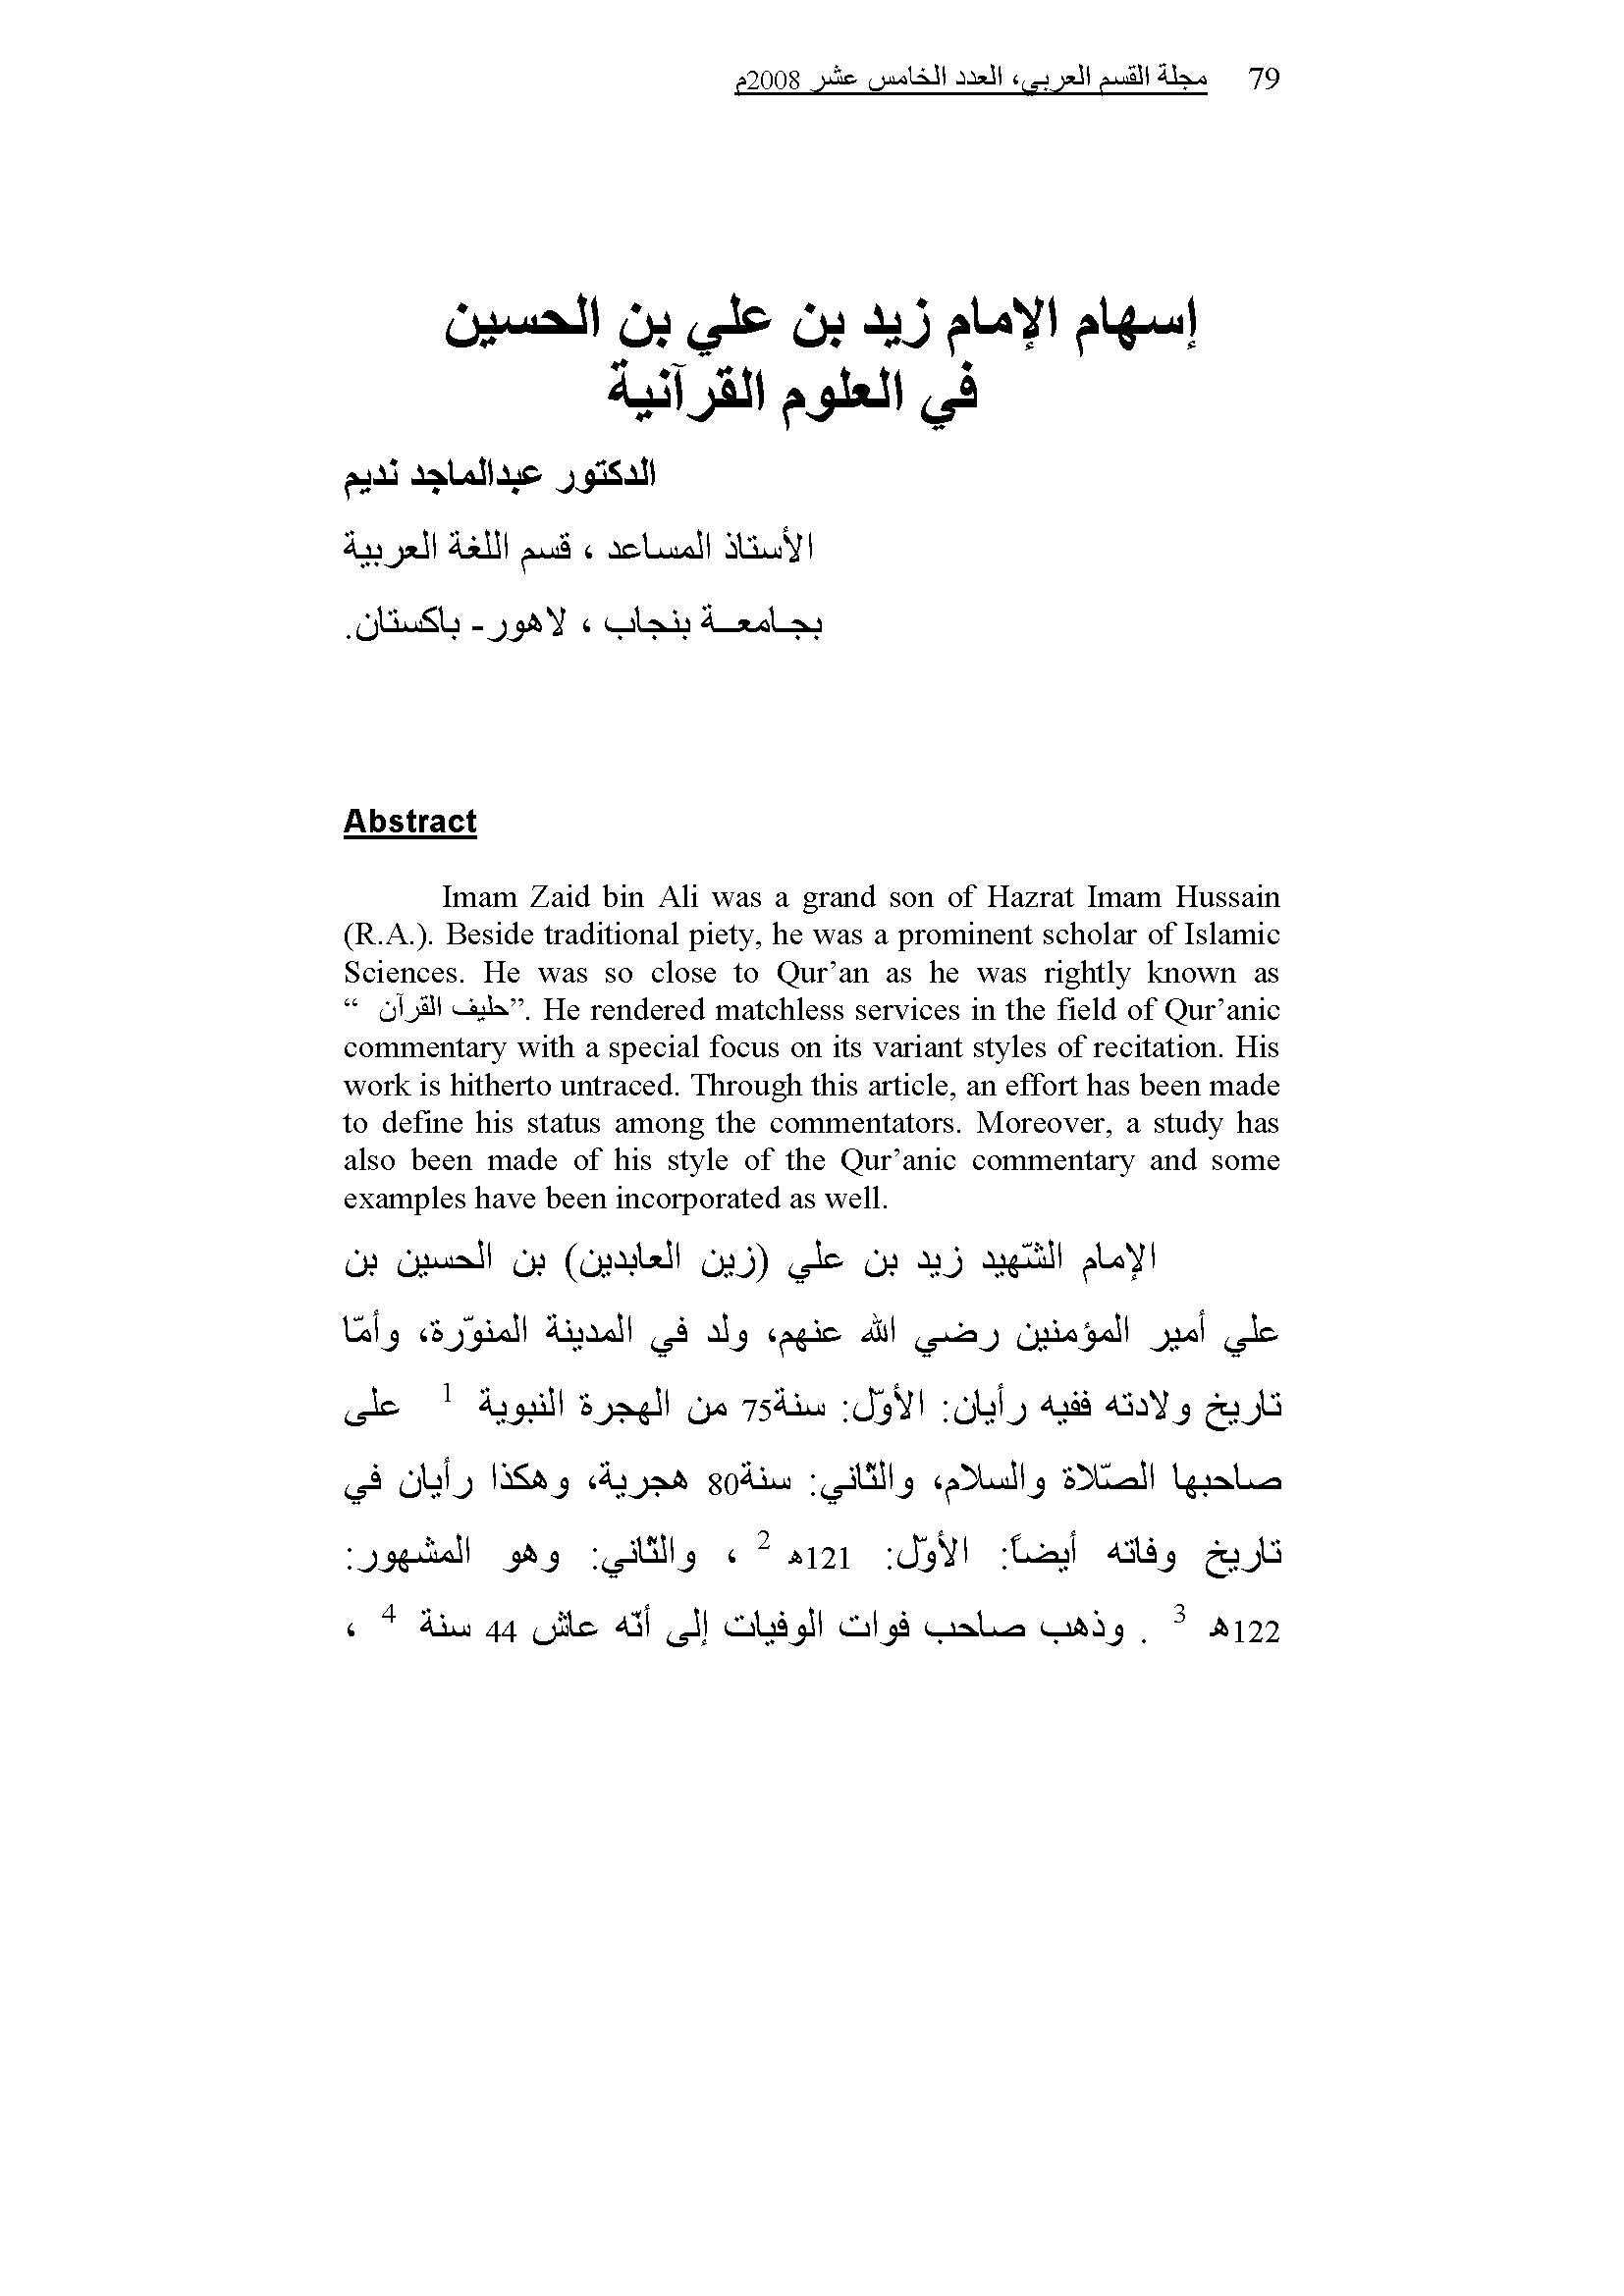 تحميل كتاب إسهام الإمام زيد بن علي بن الحسين في العلوم القرآنية لـِ: الدكتور عبد الماجد نديم